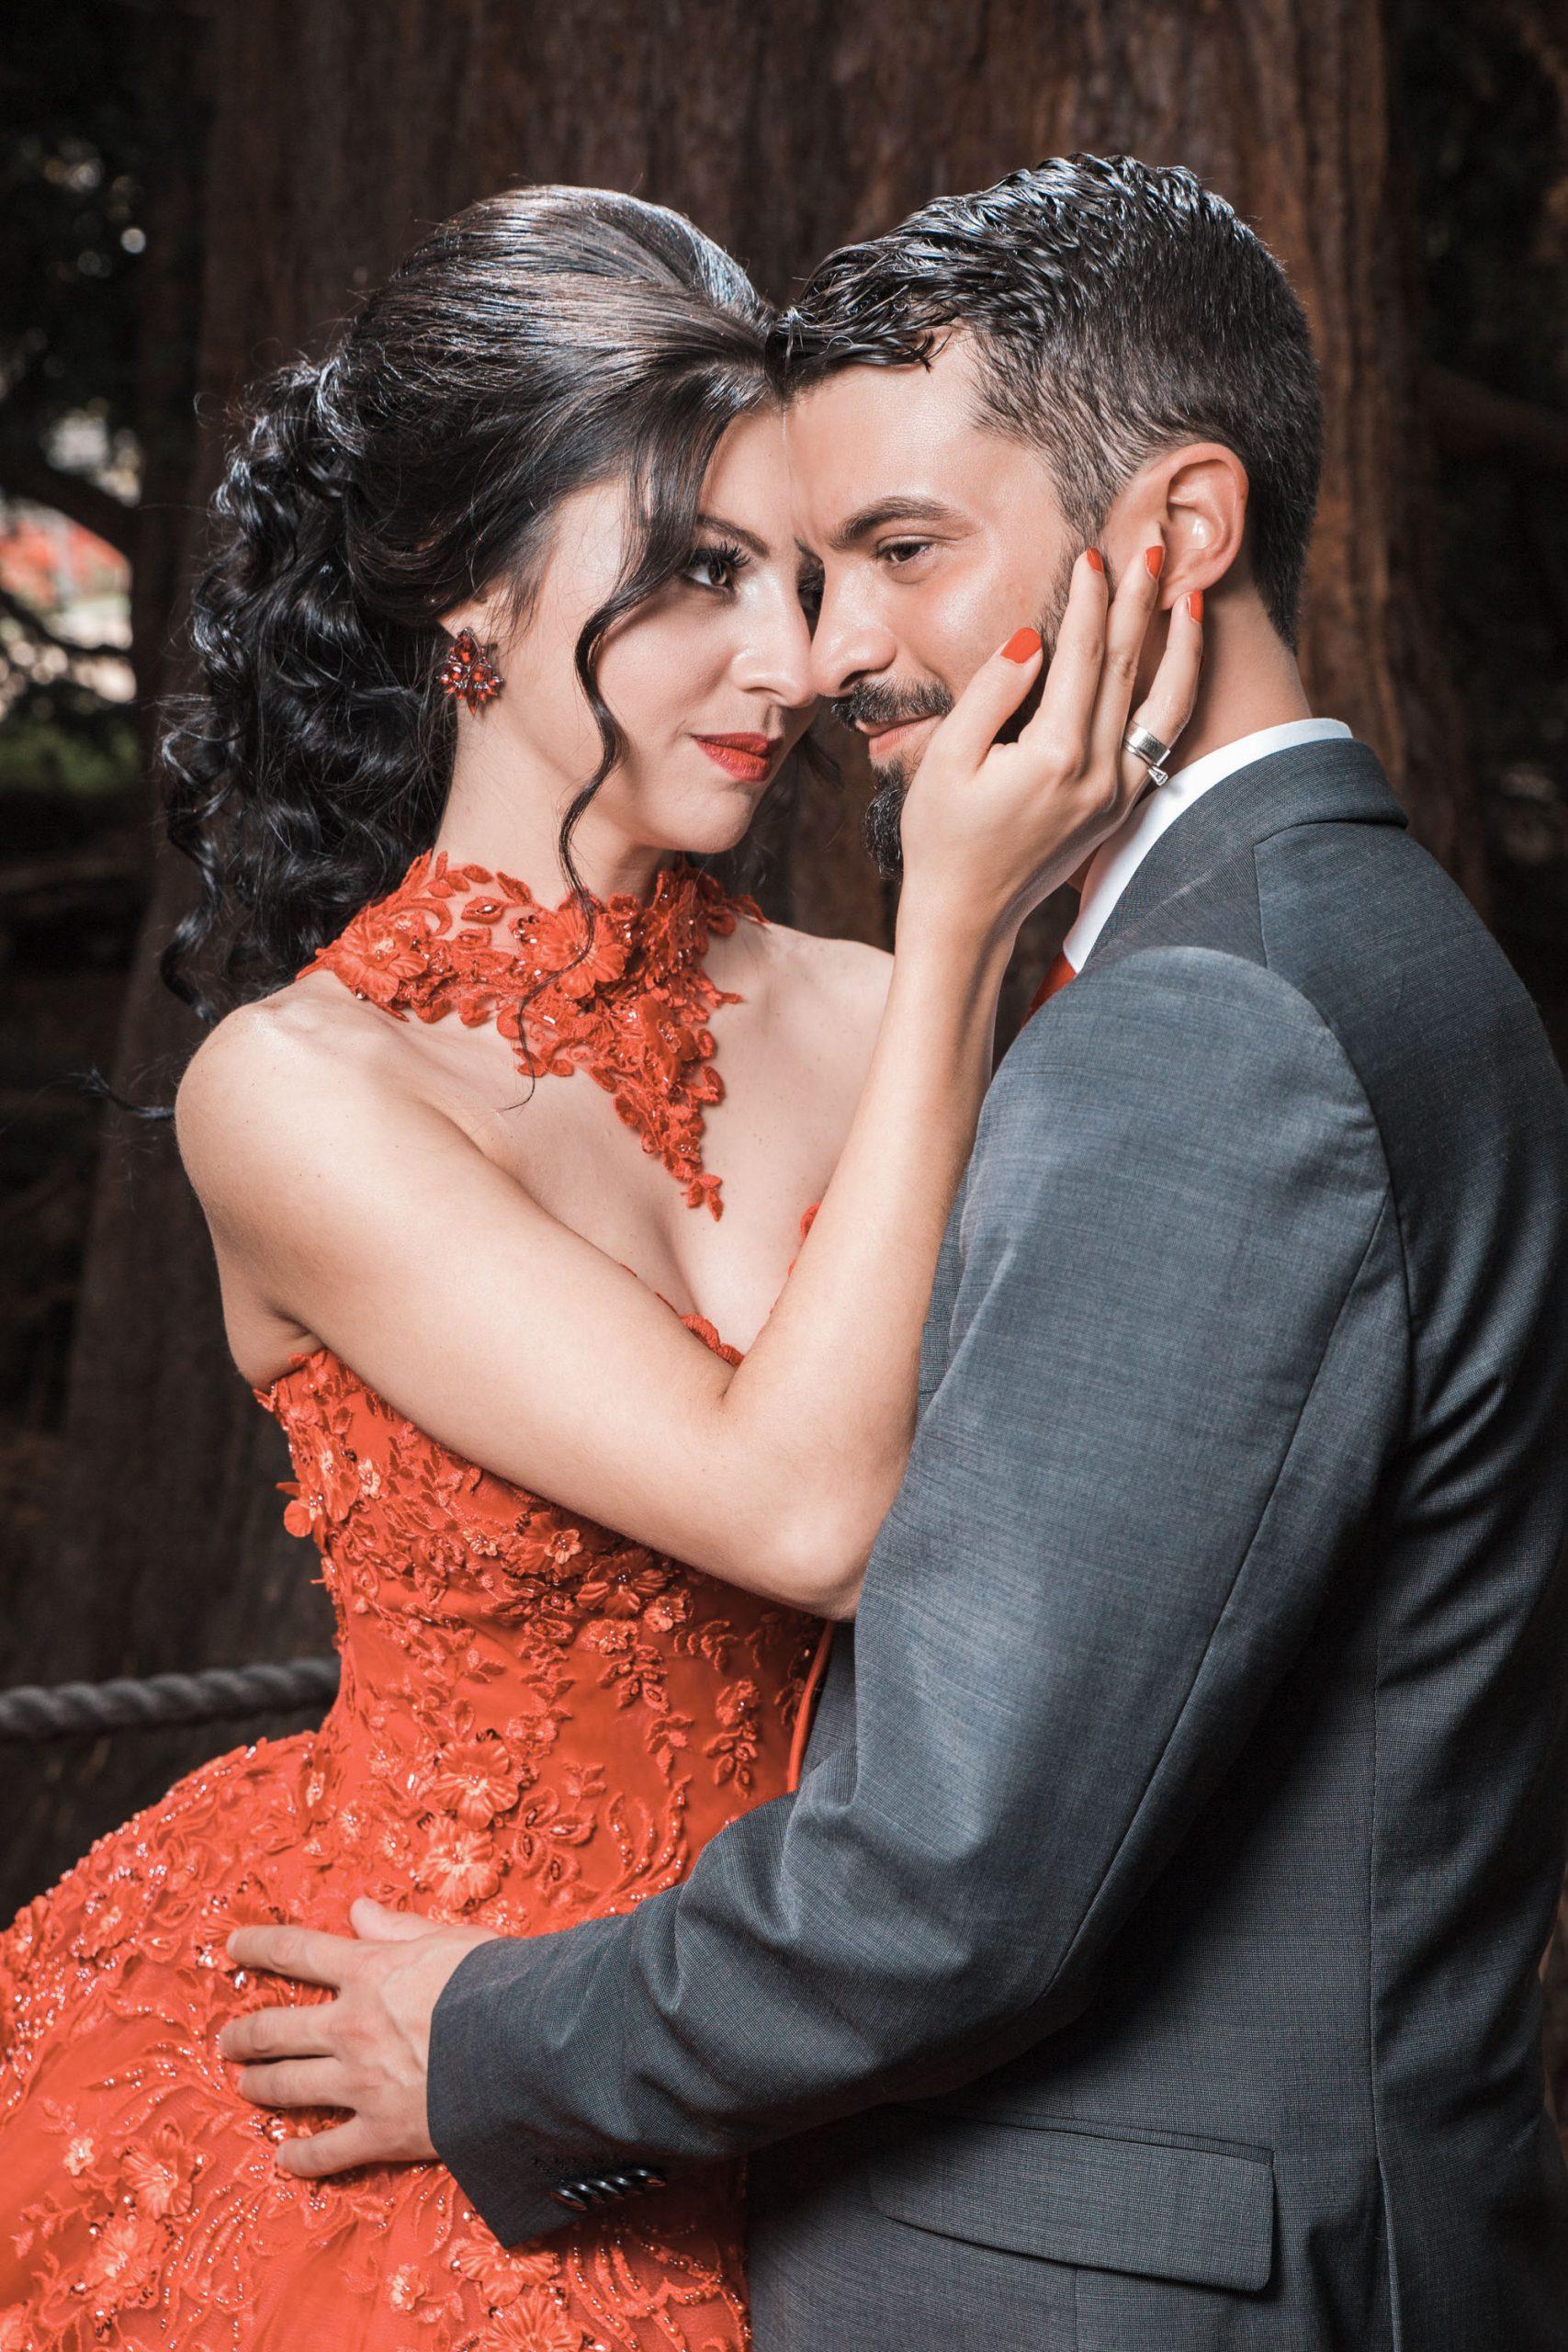 Hochzeitsfoto eines türkischen Brautpaares Vom Tag vor der Hochzeit. Henna Shooting Im japanischen Garten Leverkusen. Die Braut trägt ihr rotes Hennakleid